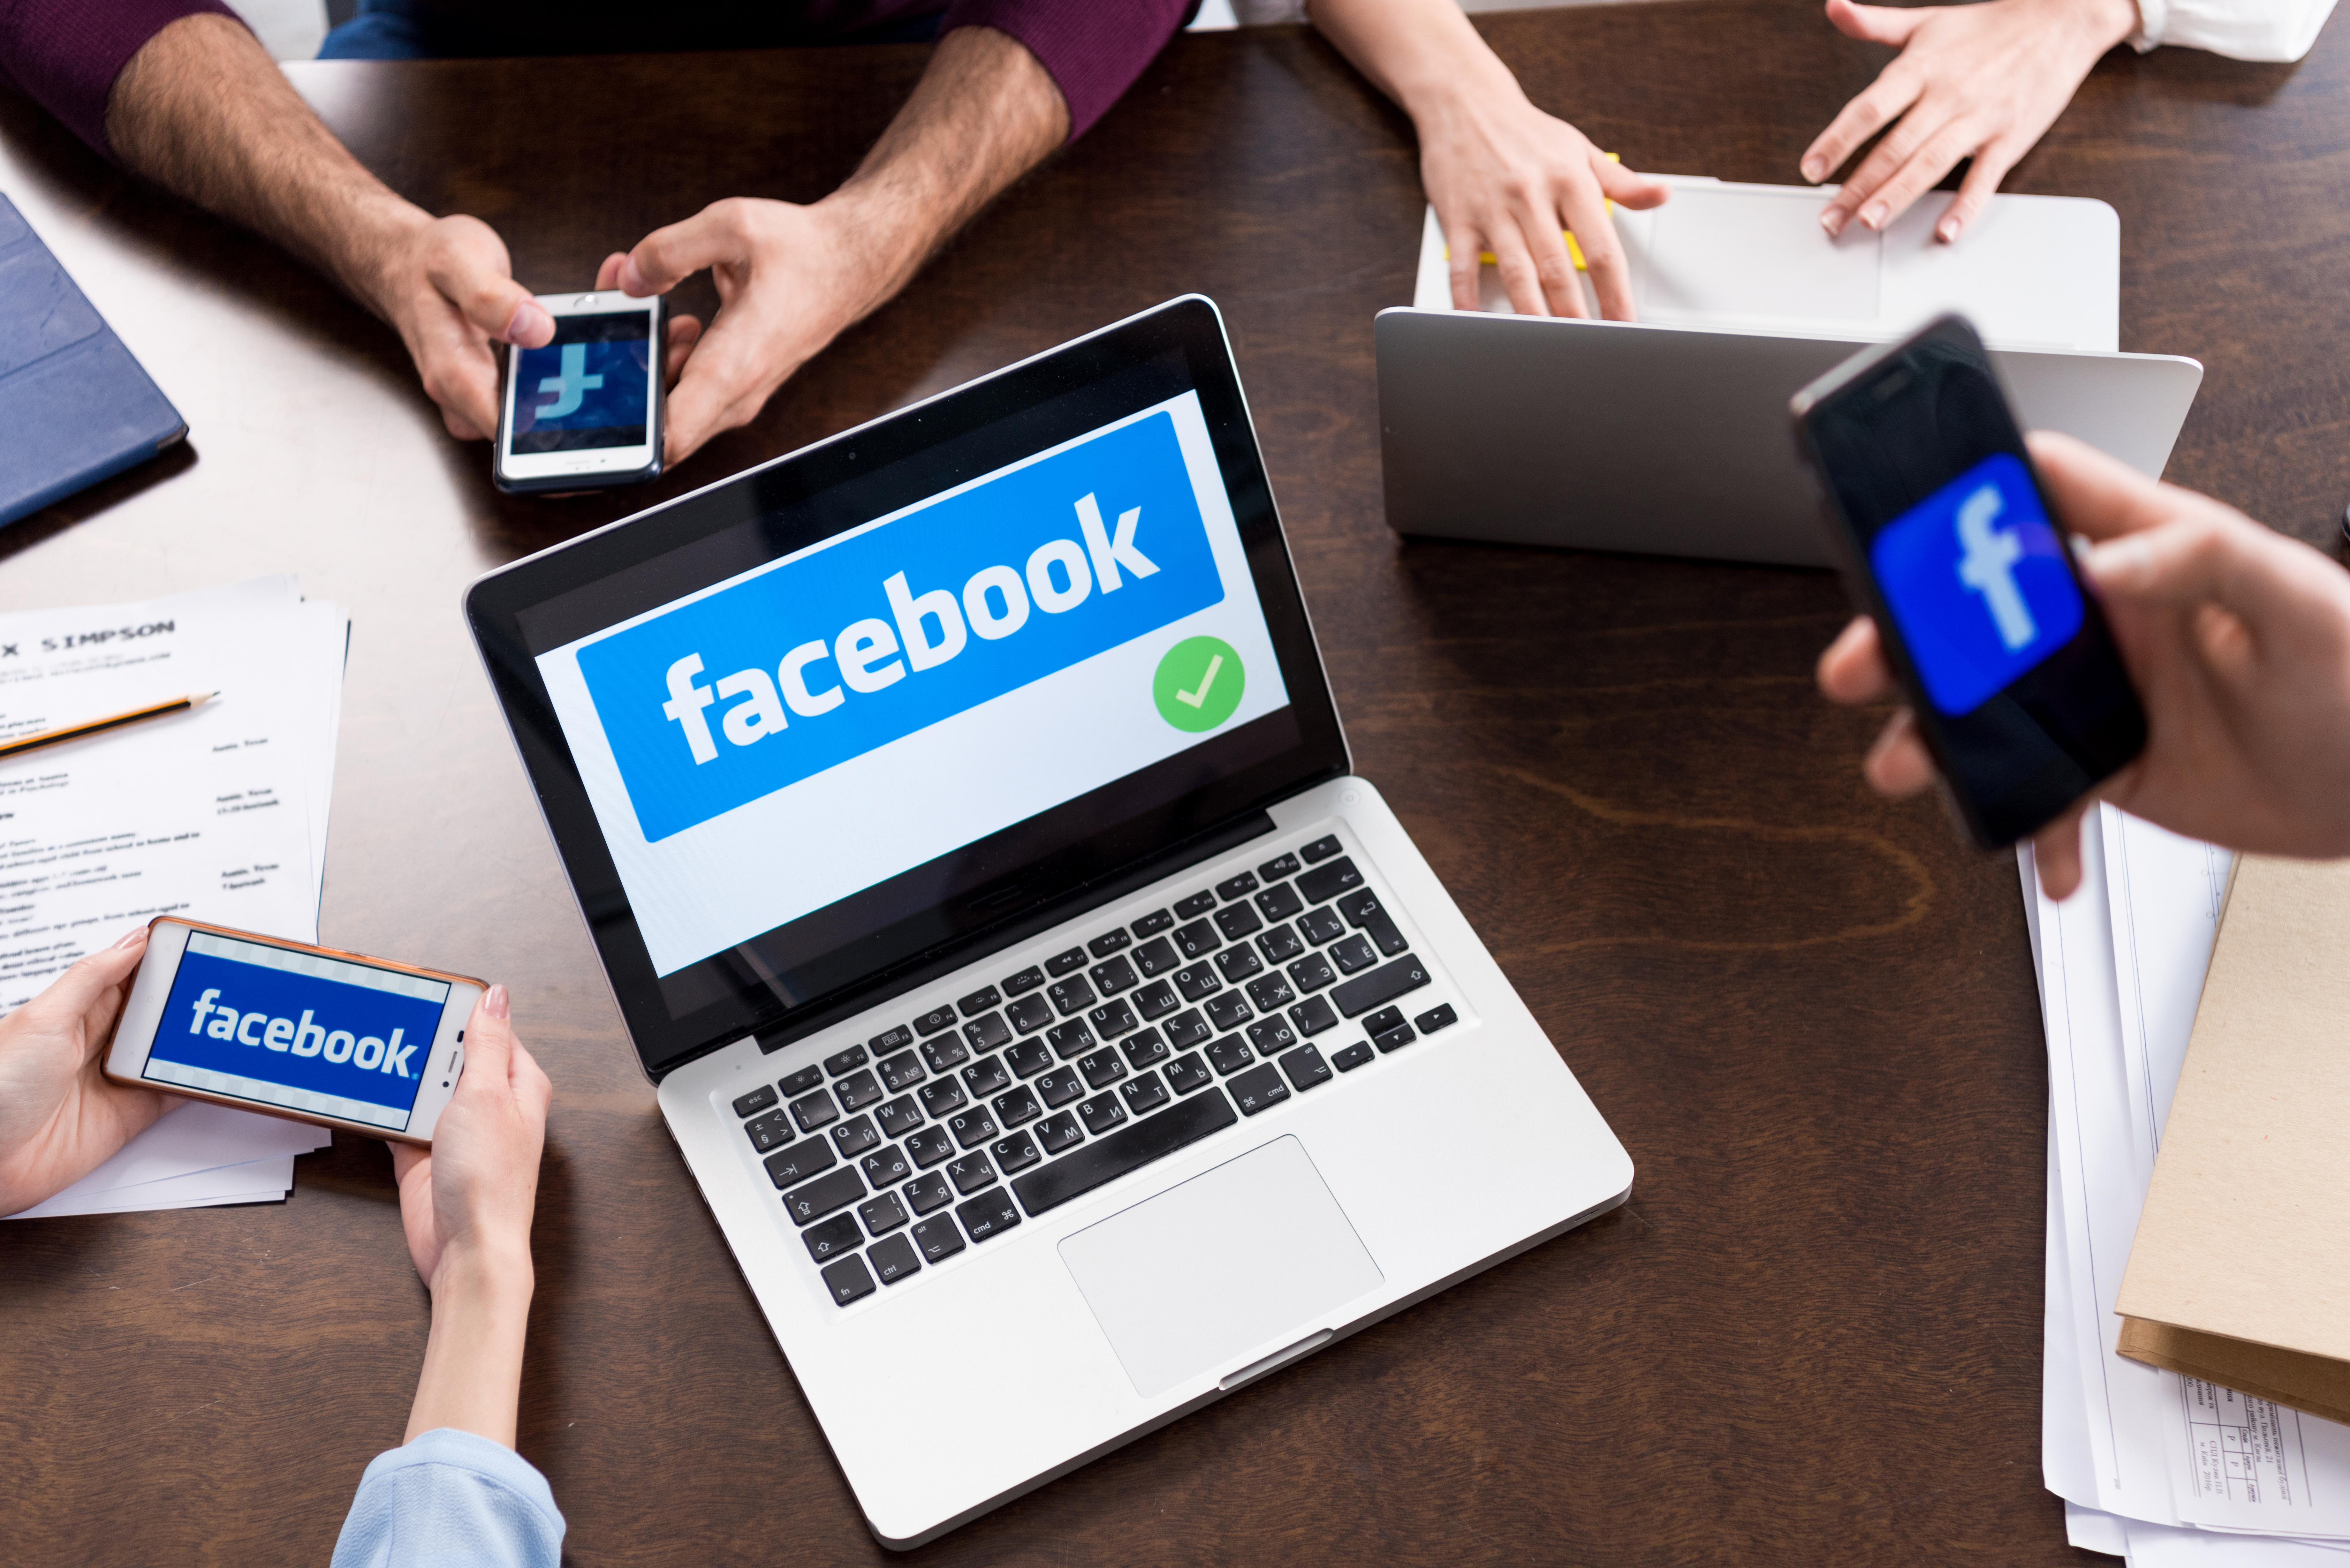 Korzystanie z Facebooka na różnych urządzeniach